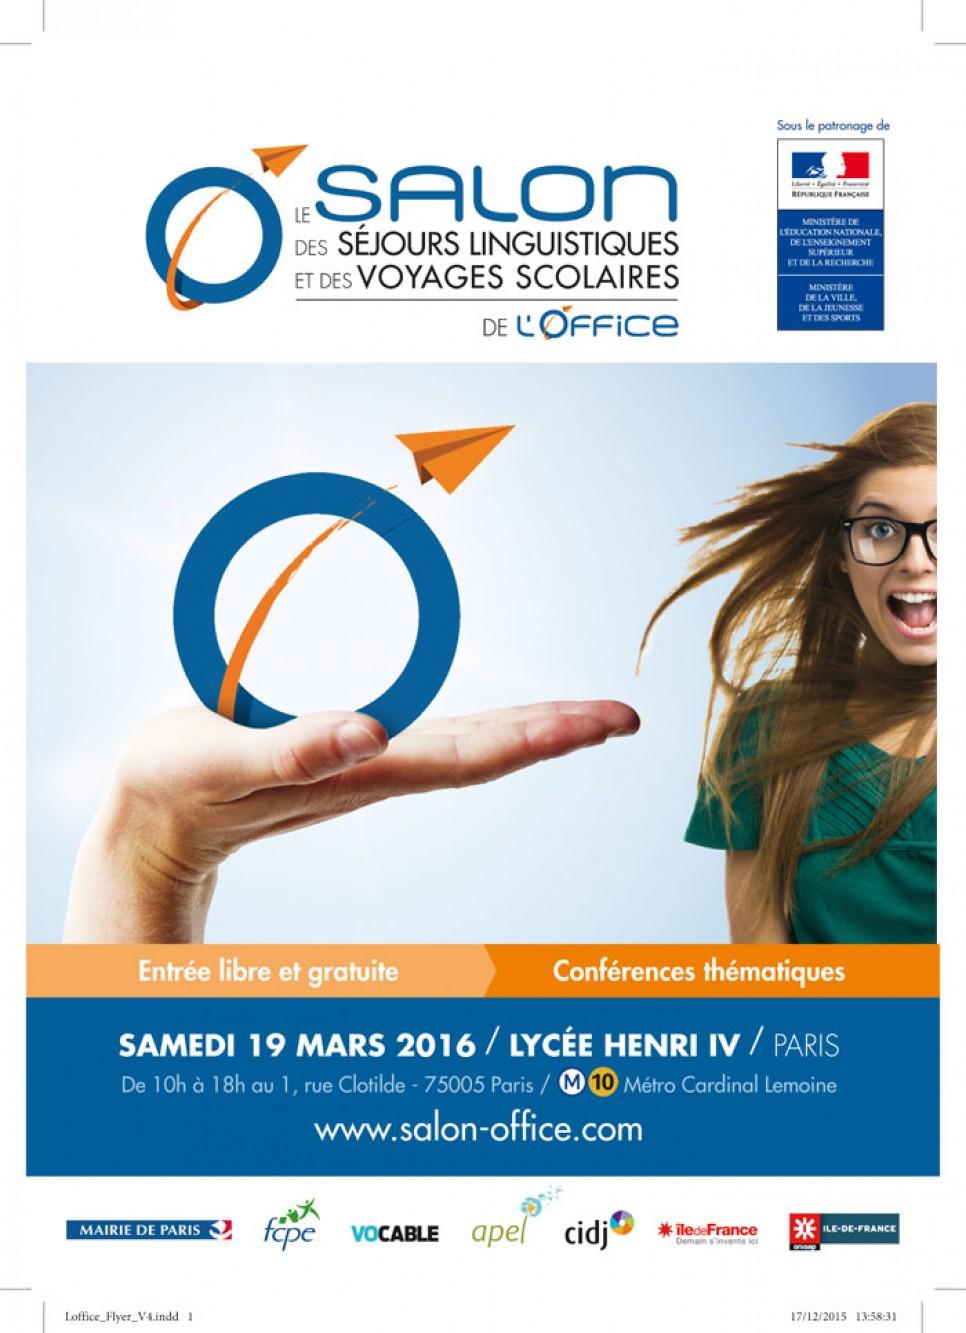 Gsl s jour sera pr sent au salon de l 39 office en mars 2016 - Salon sejour linguistique ...